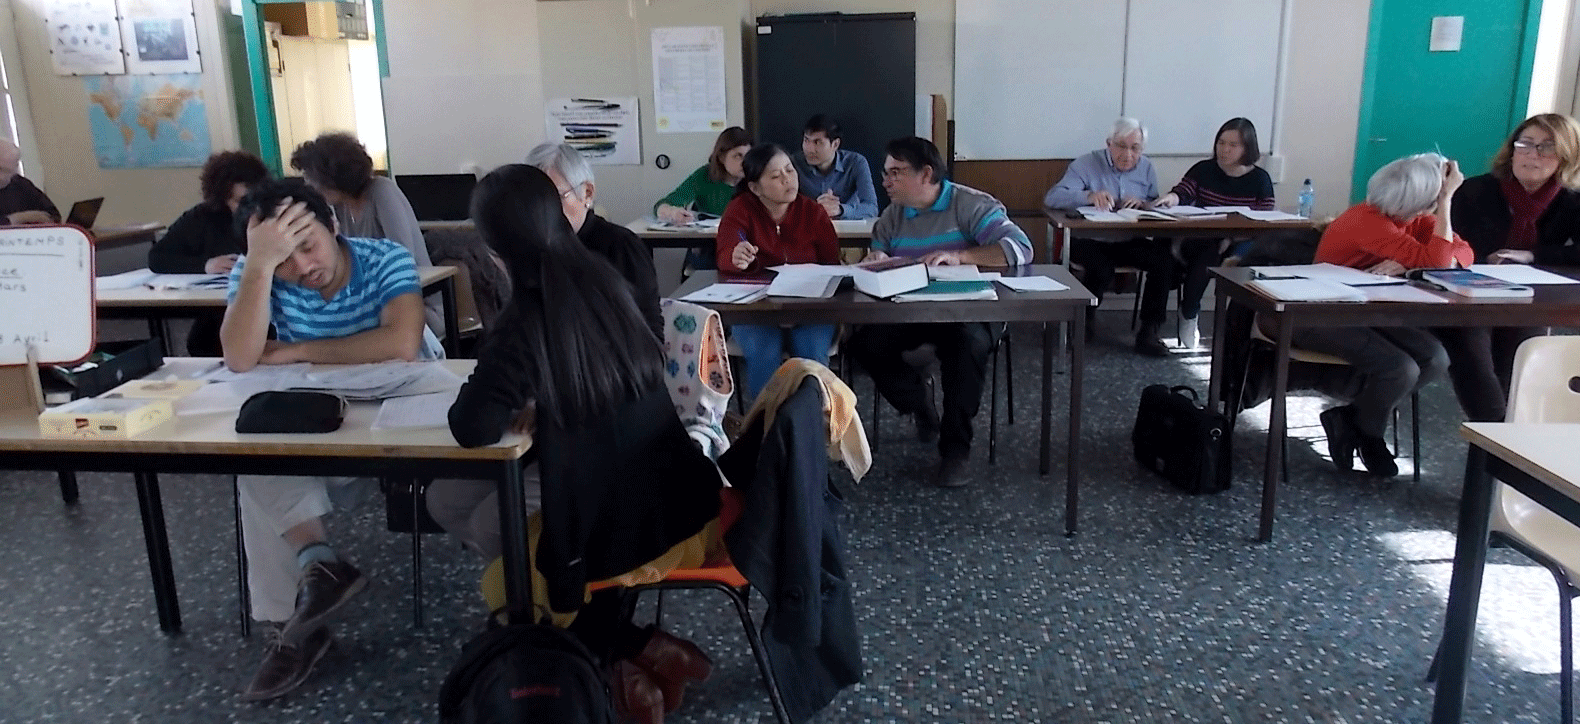 Apprentissage du français avec Amitié Solidarité